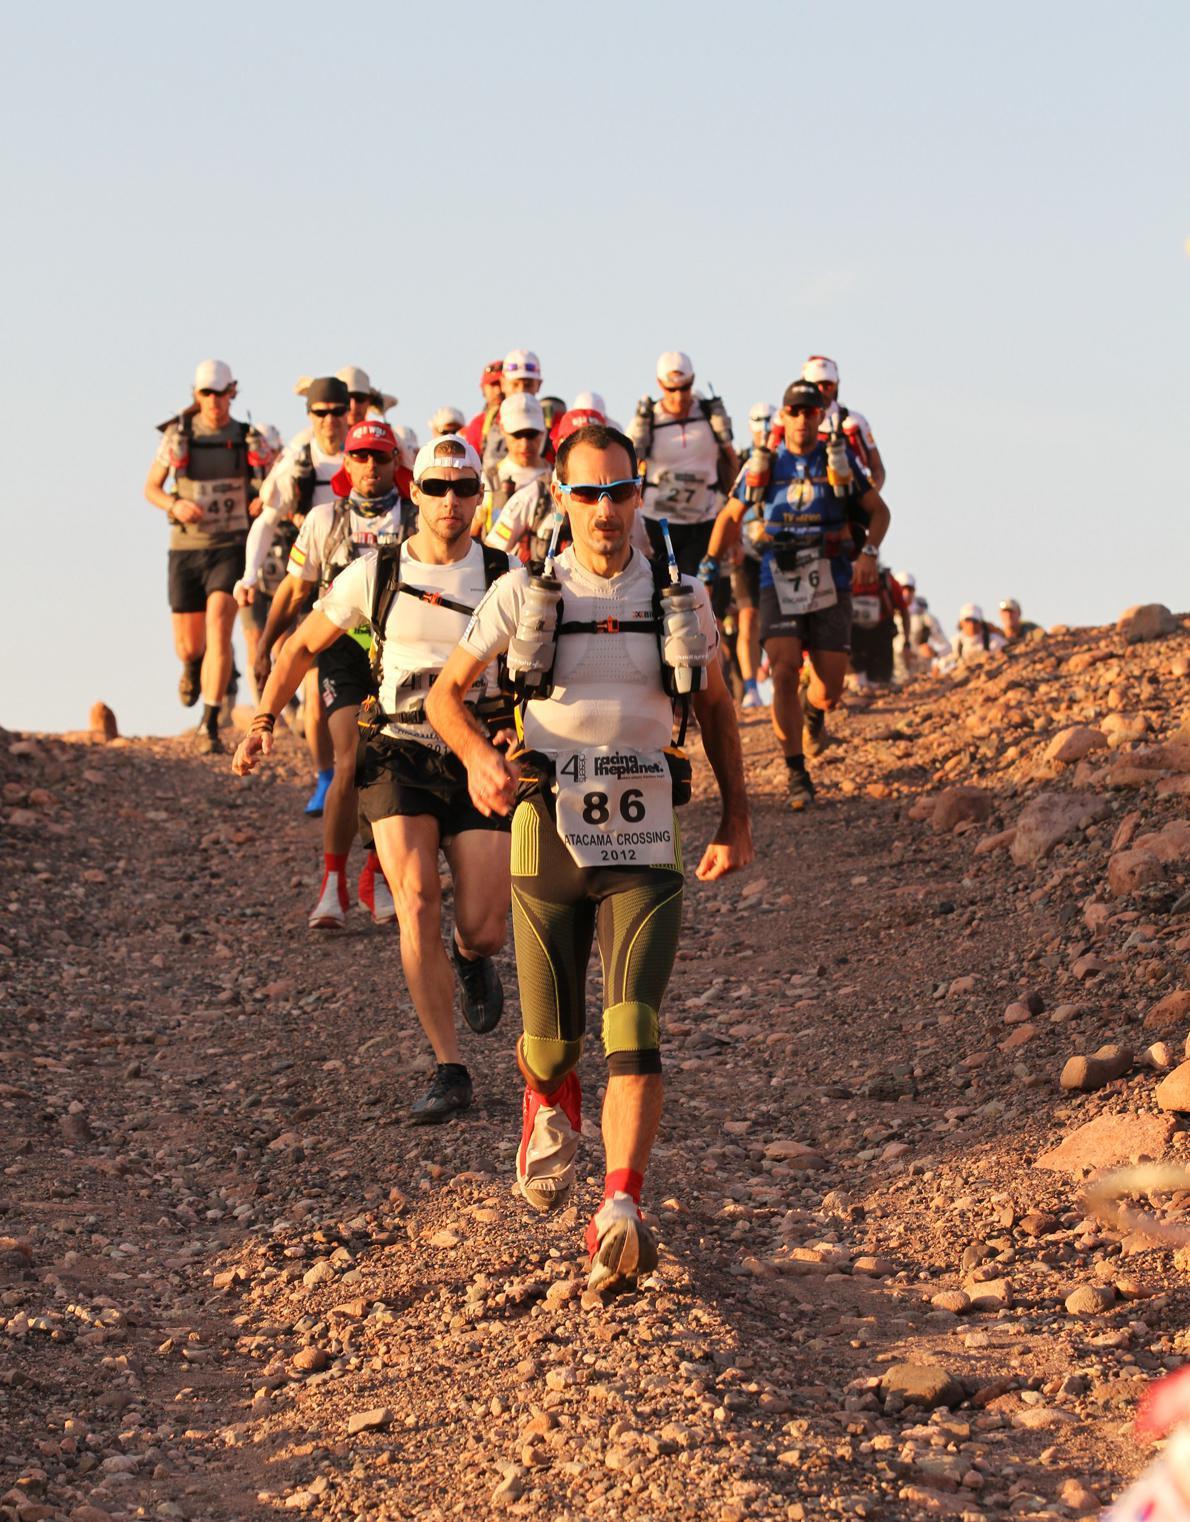 """«Στιγμές αδρεναλίνης ενώ προπορεύομαι στο """" Atacama Crossing""""»."""